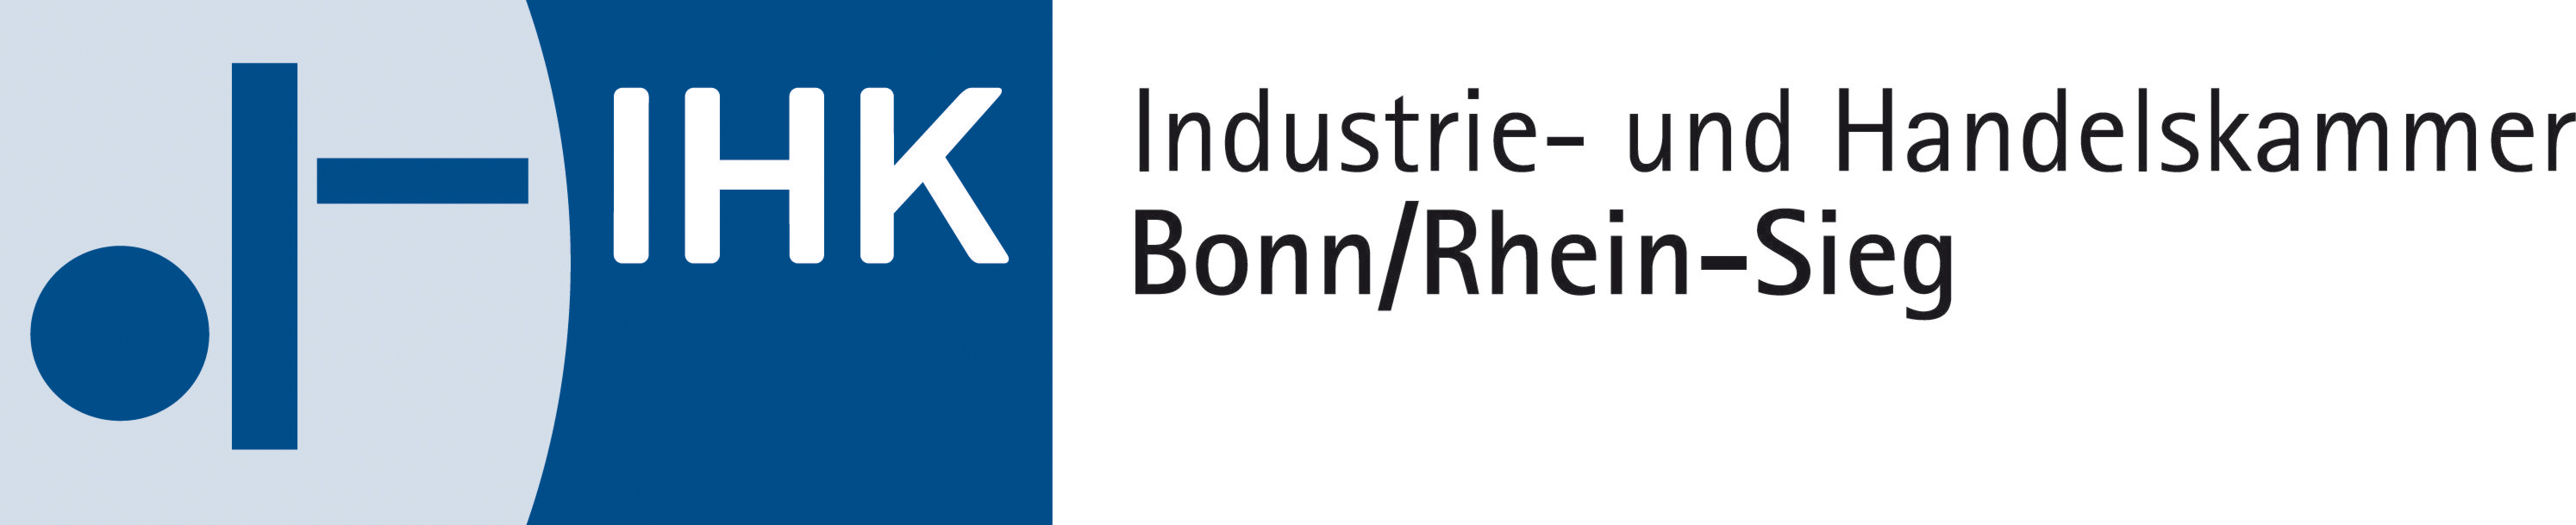 Logo_IHK_Bonn_Rhein-Sieg.jpg